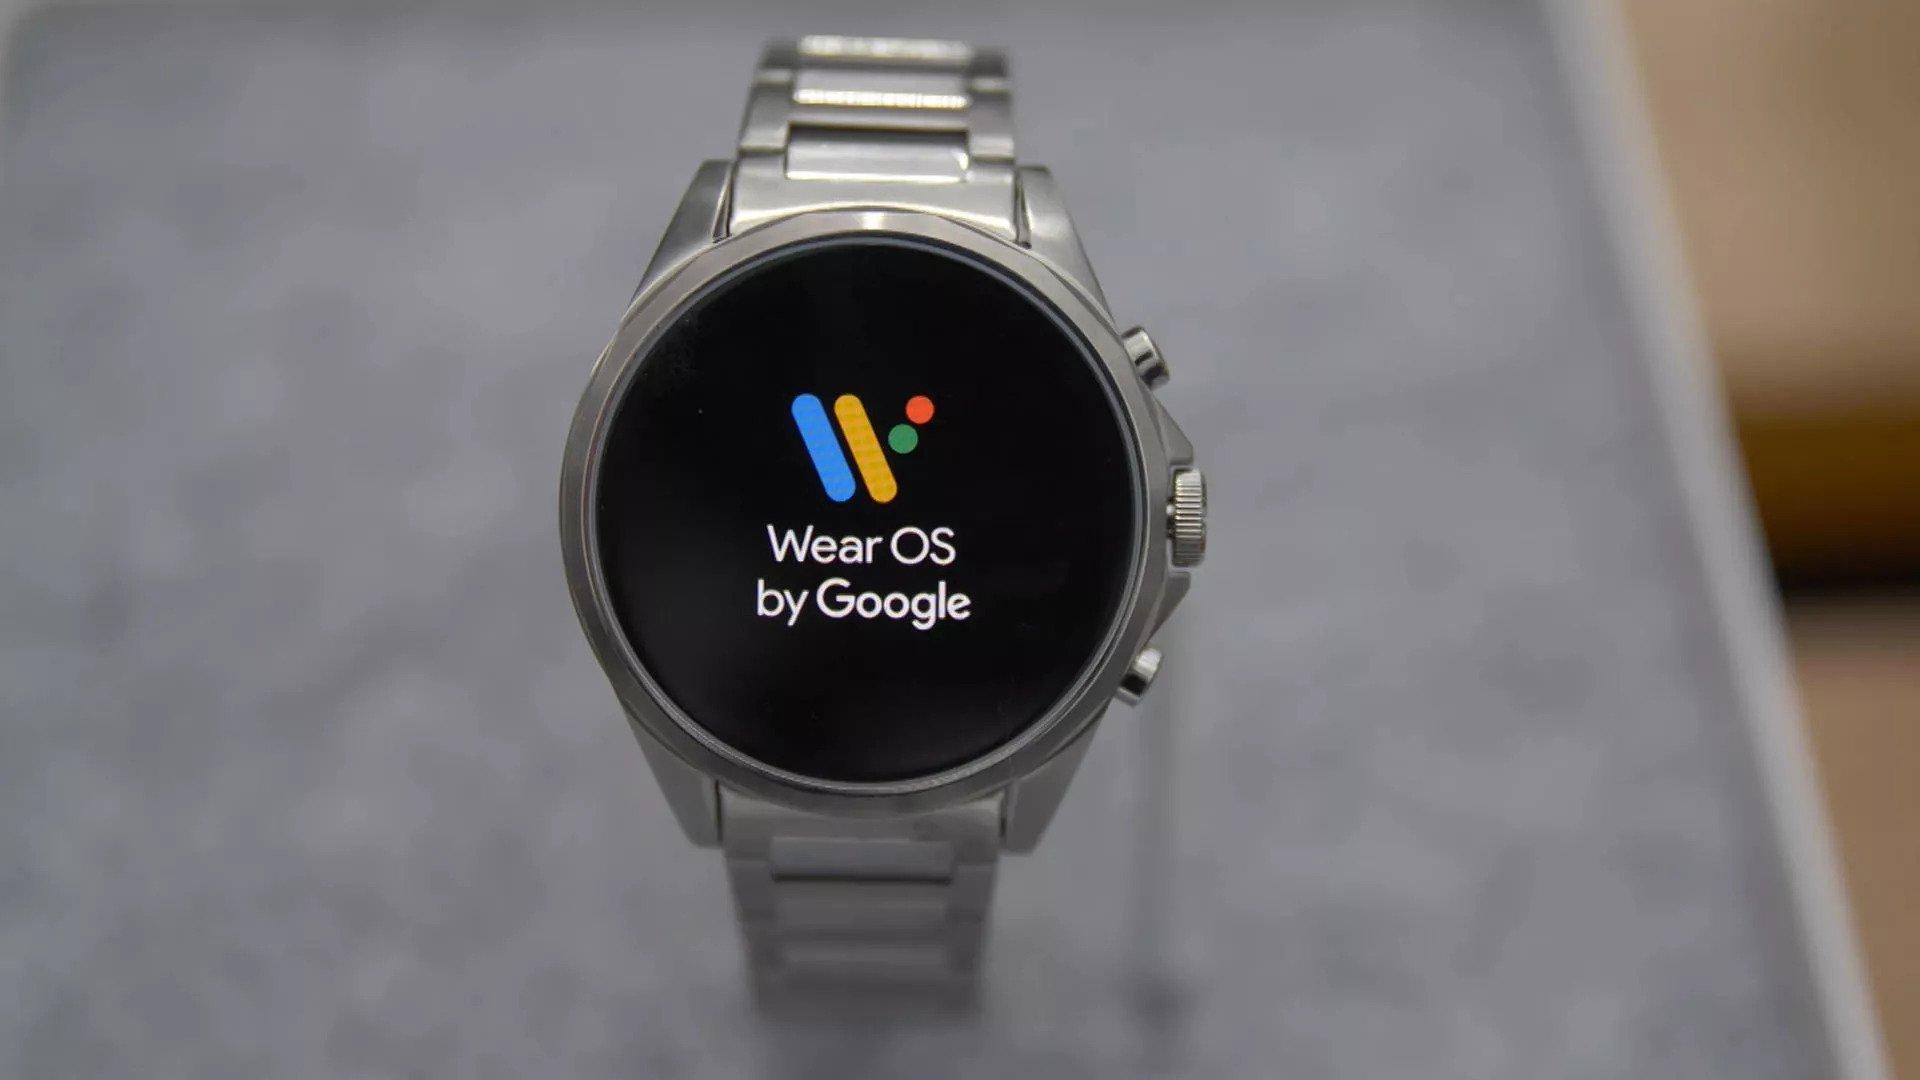 vif et grand en style différemment découvrir les dernières tendances Mais où est passé Google sur le marché des montres ...